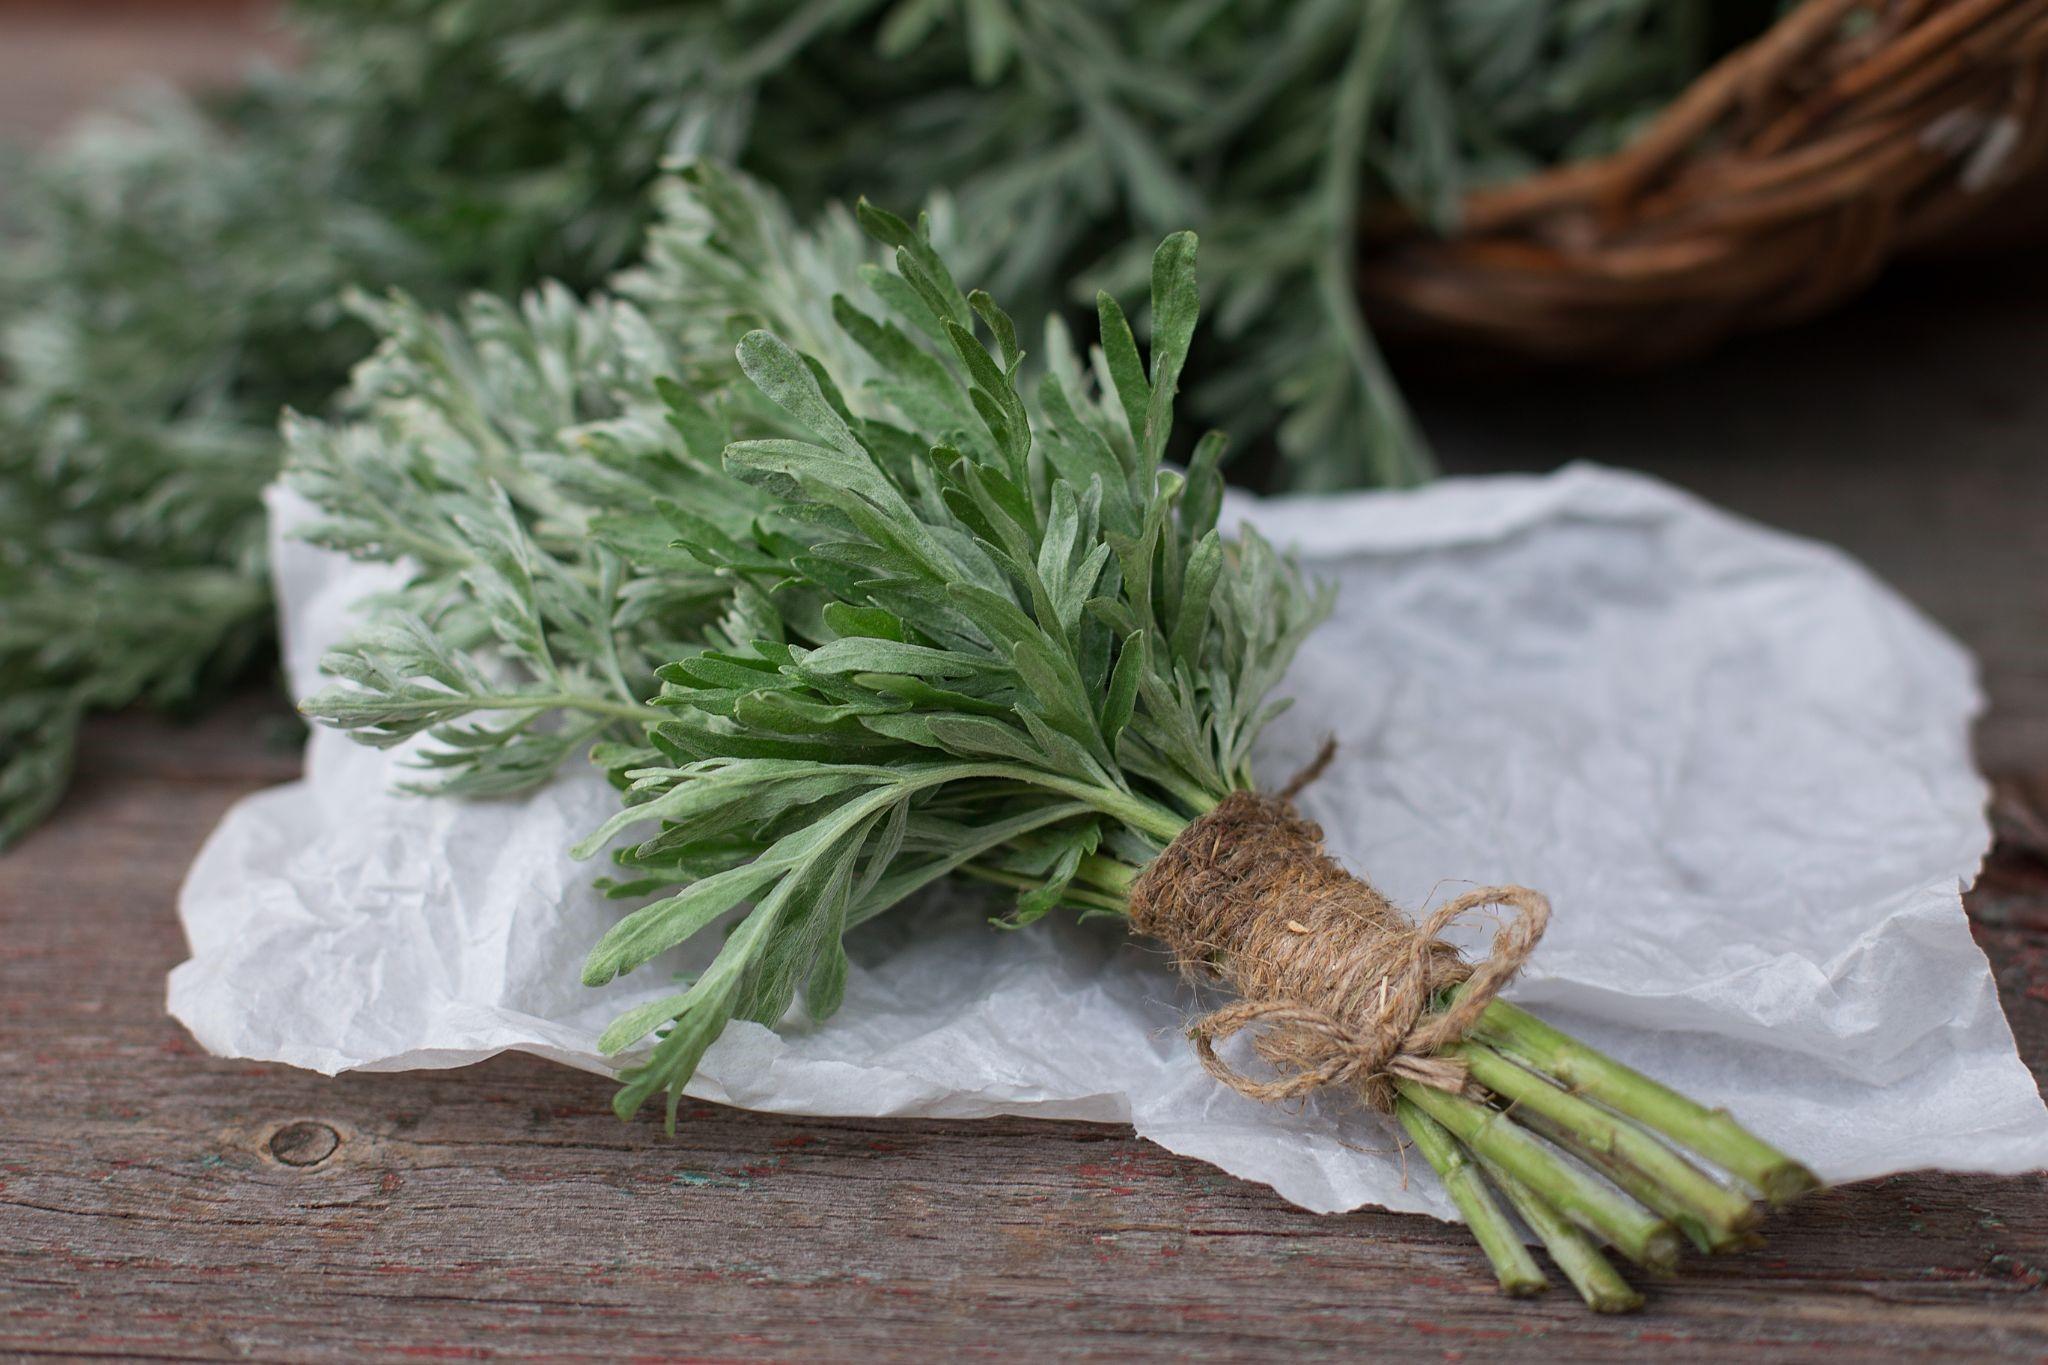 mugwort as an antioxidant power